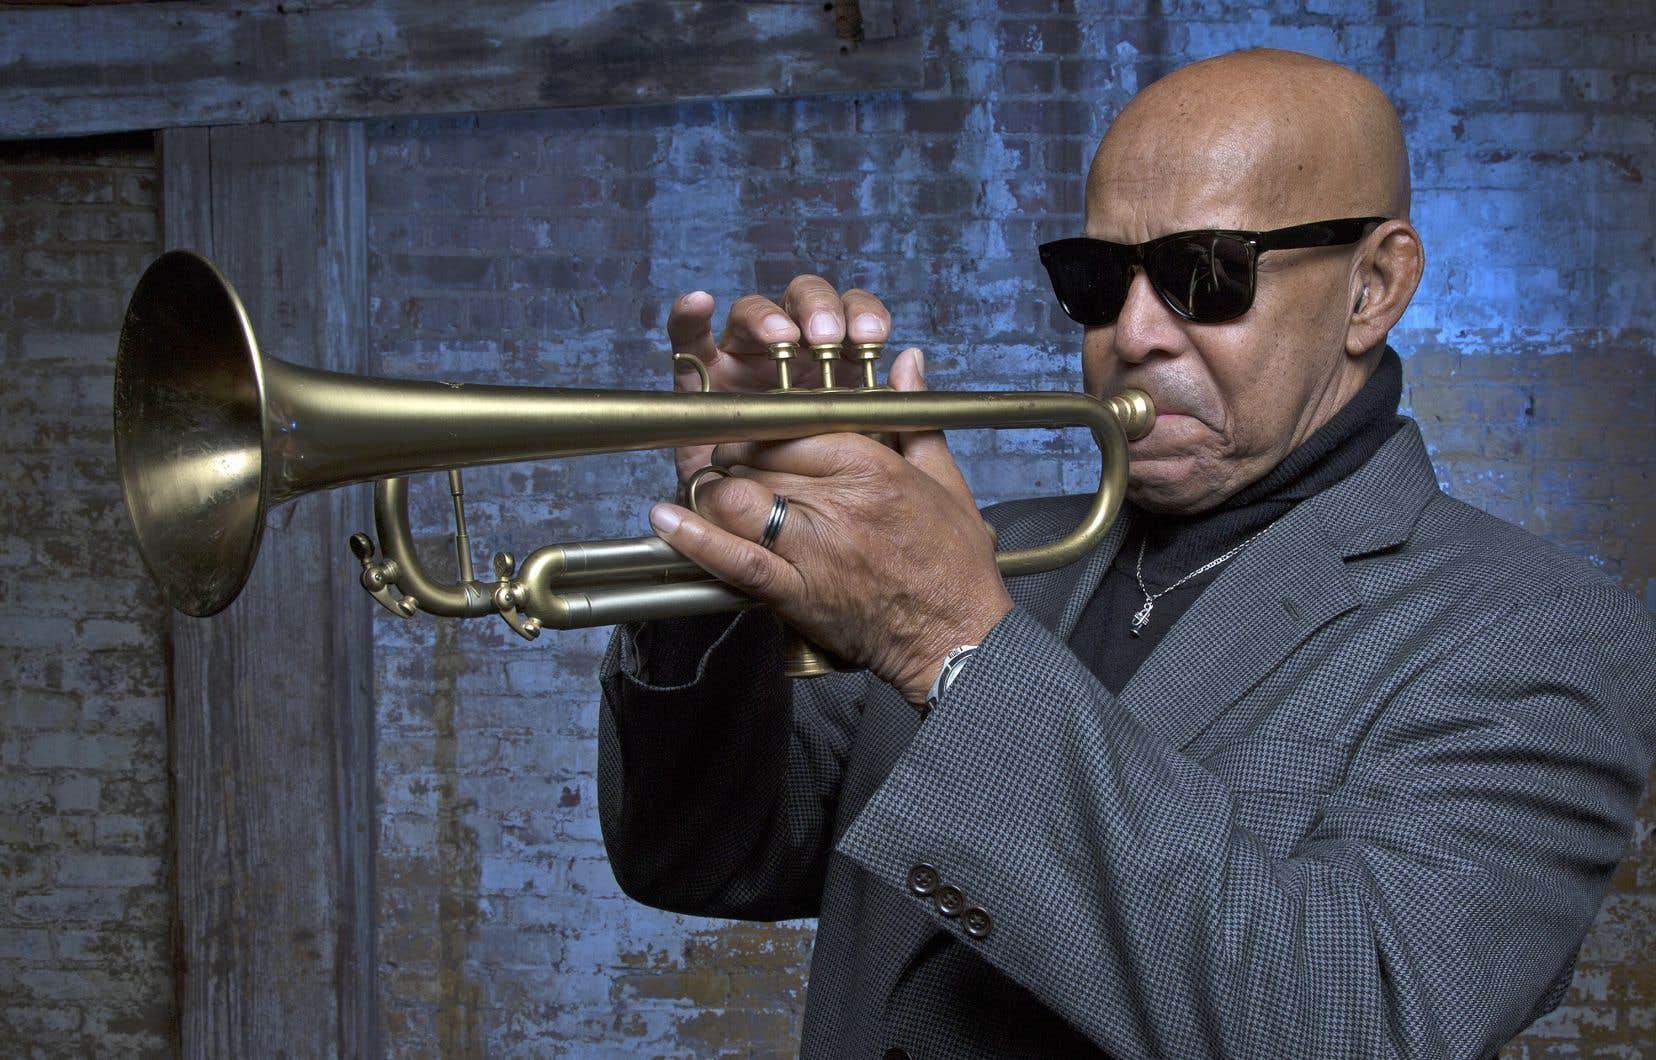 Le trompettiste Eddie Henderson, qui fut le protégé de Miles Davis dans sa jeunesse, a aussi été pilote dans l'armée, étudiant en zoologie, puis en médecine, pour finir professeur au fameux conservatoire Juilliard.